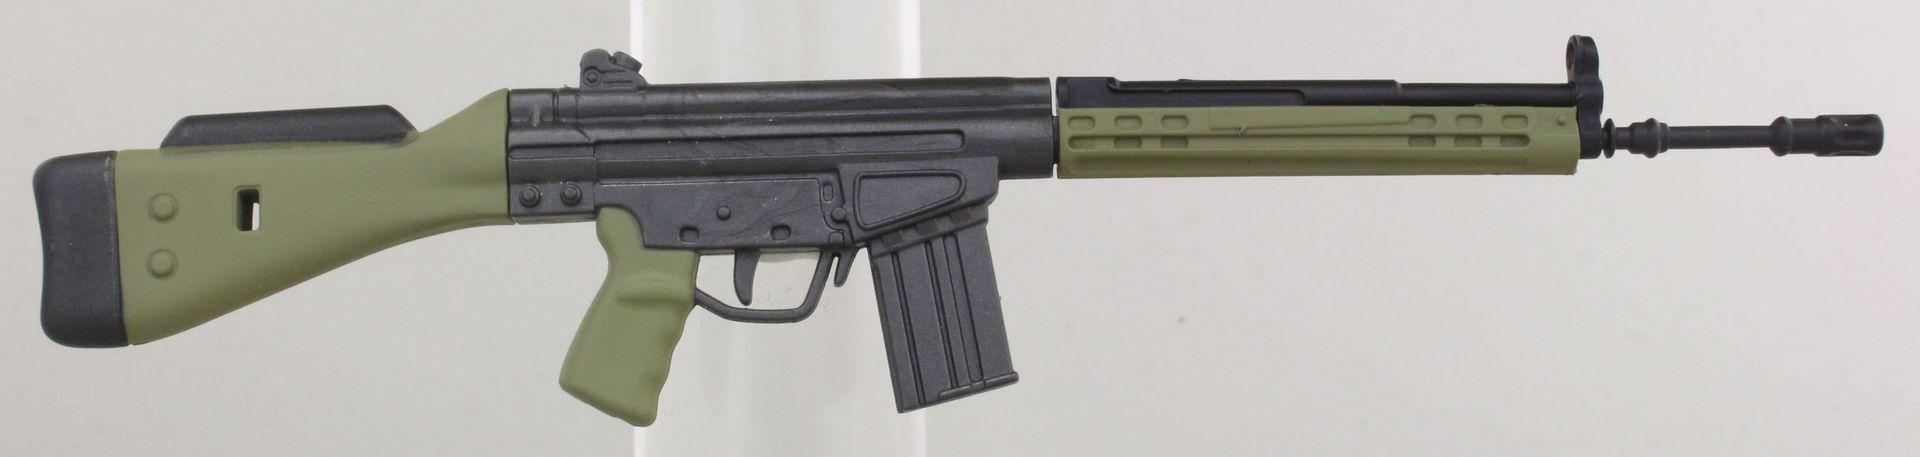 G3A3 アサルトライフル